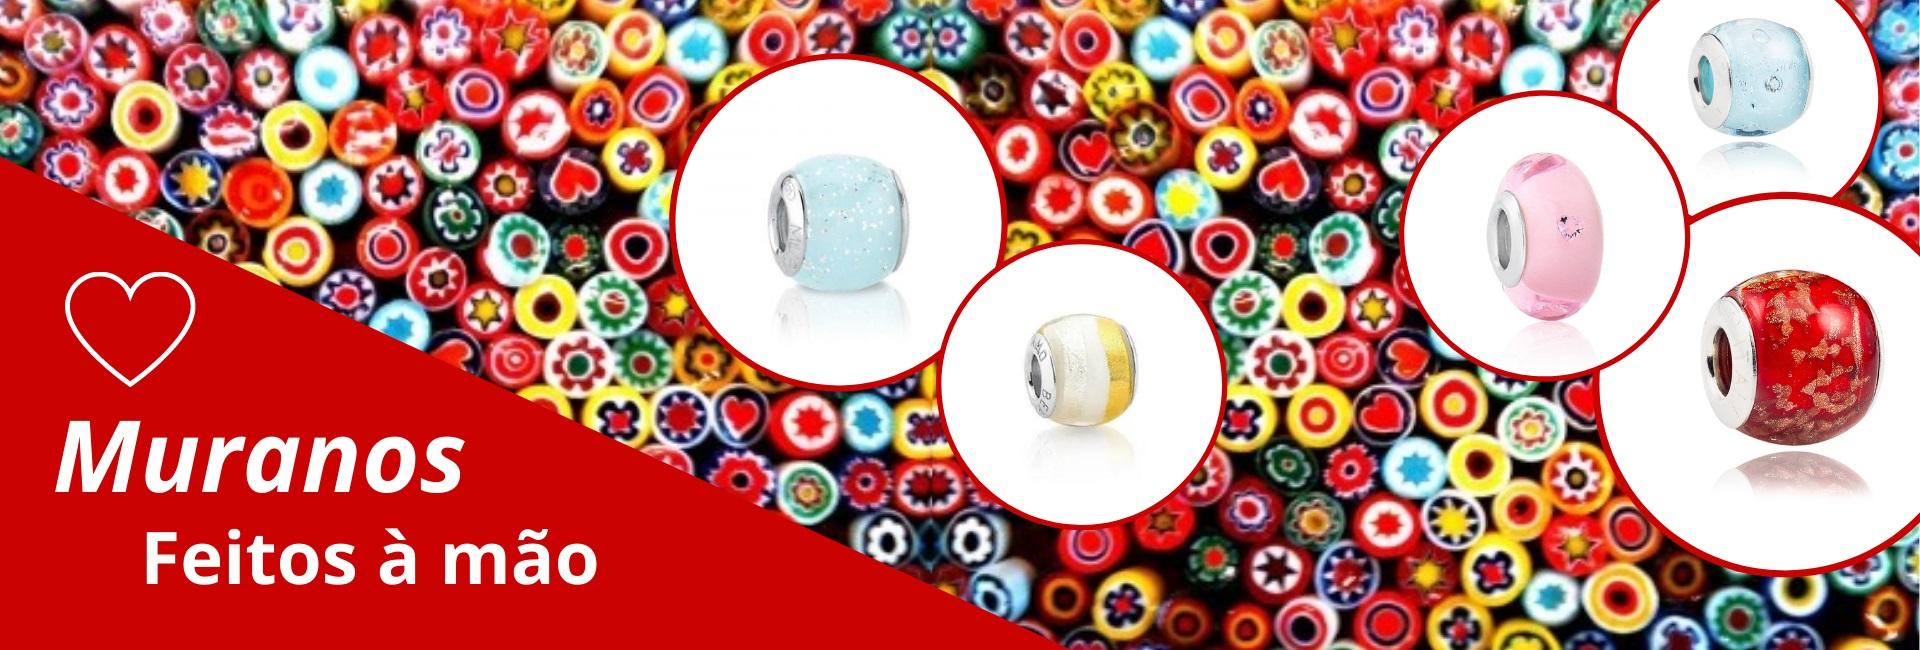 Muranos separadores para pulseira